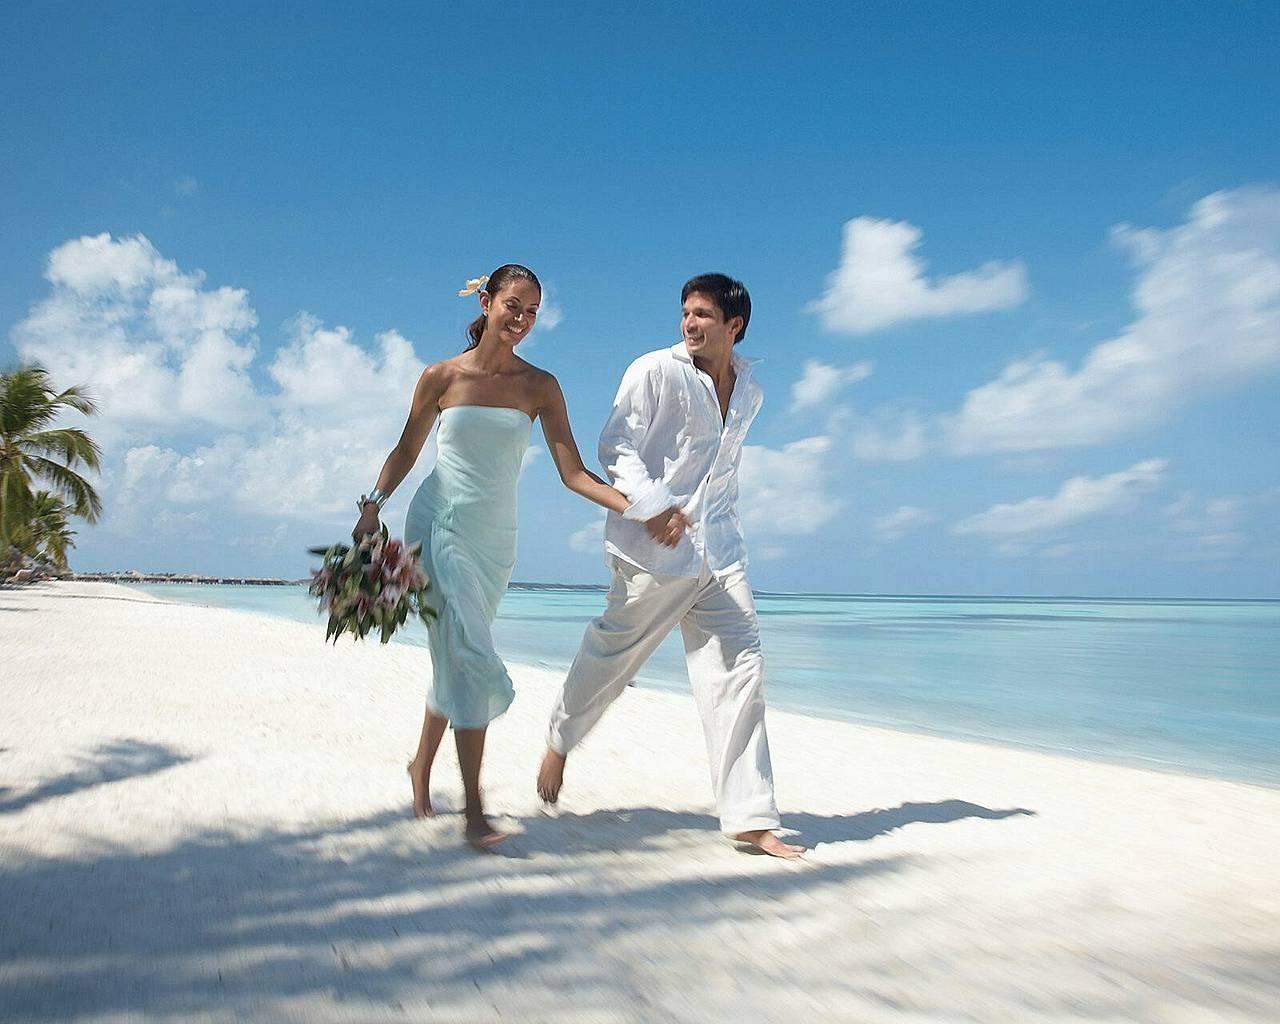 viaggio di nozze - Cerca con Google